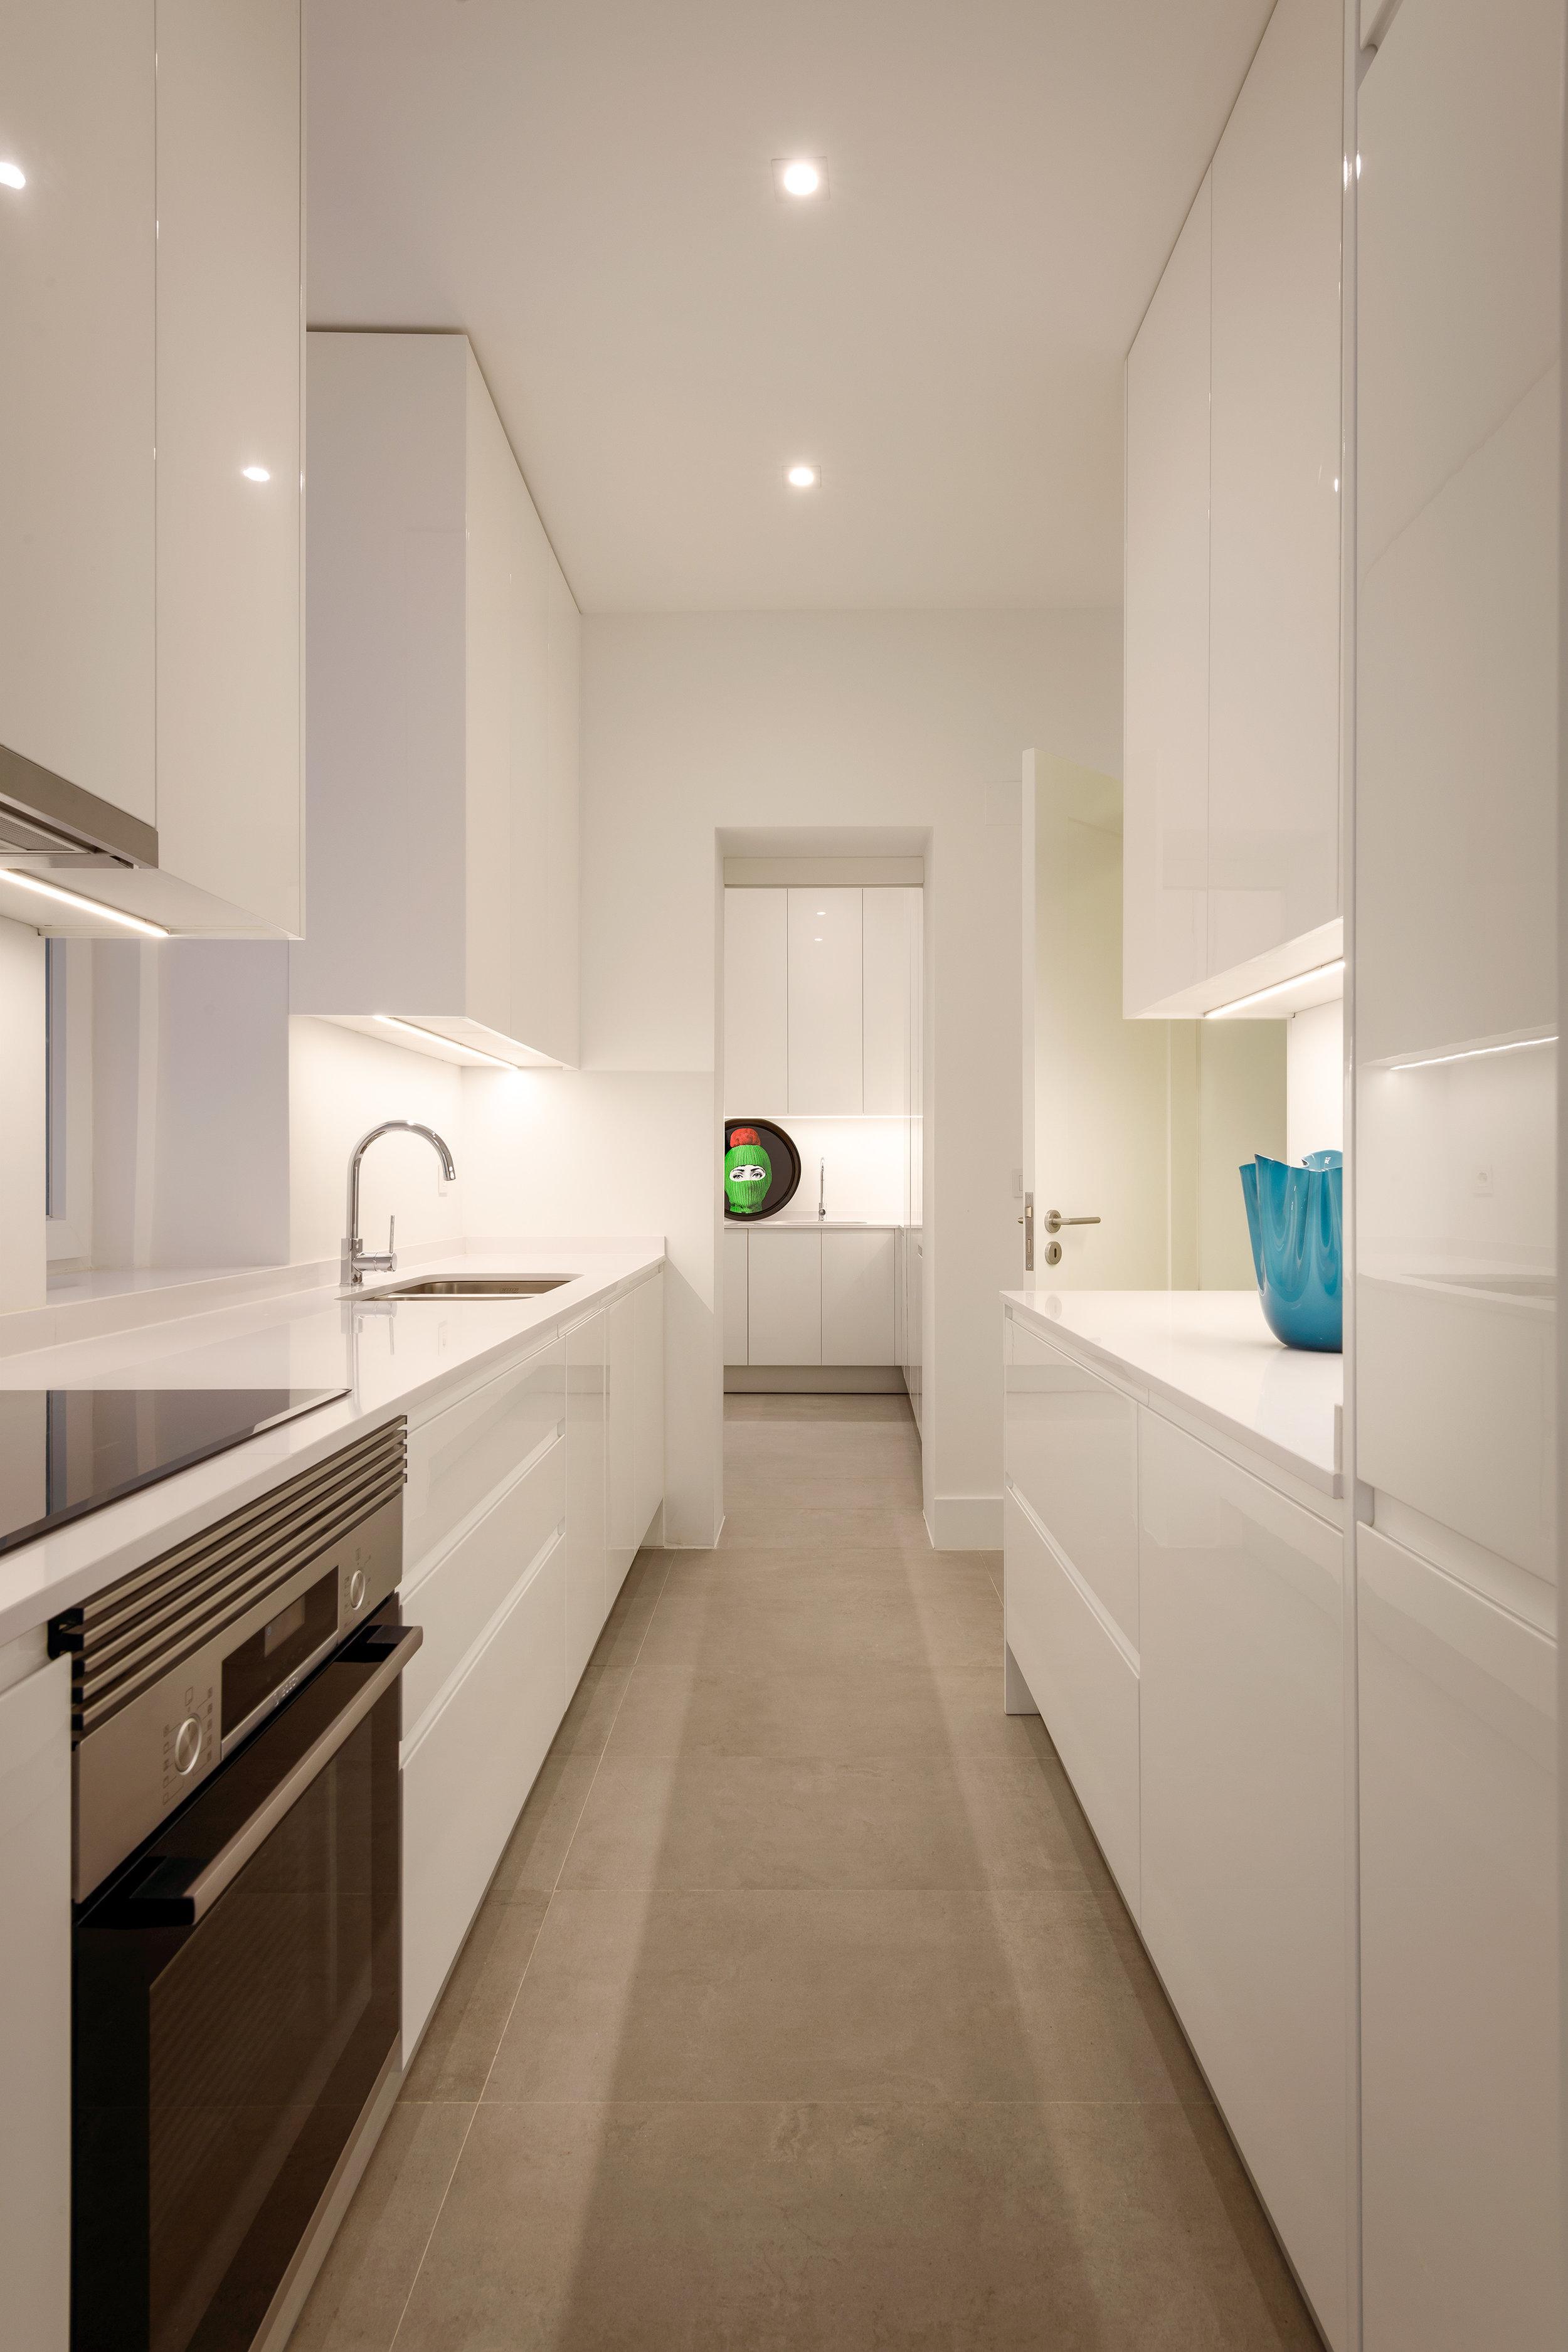 05-Cozinha.jpg